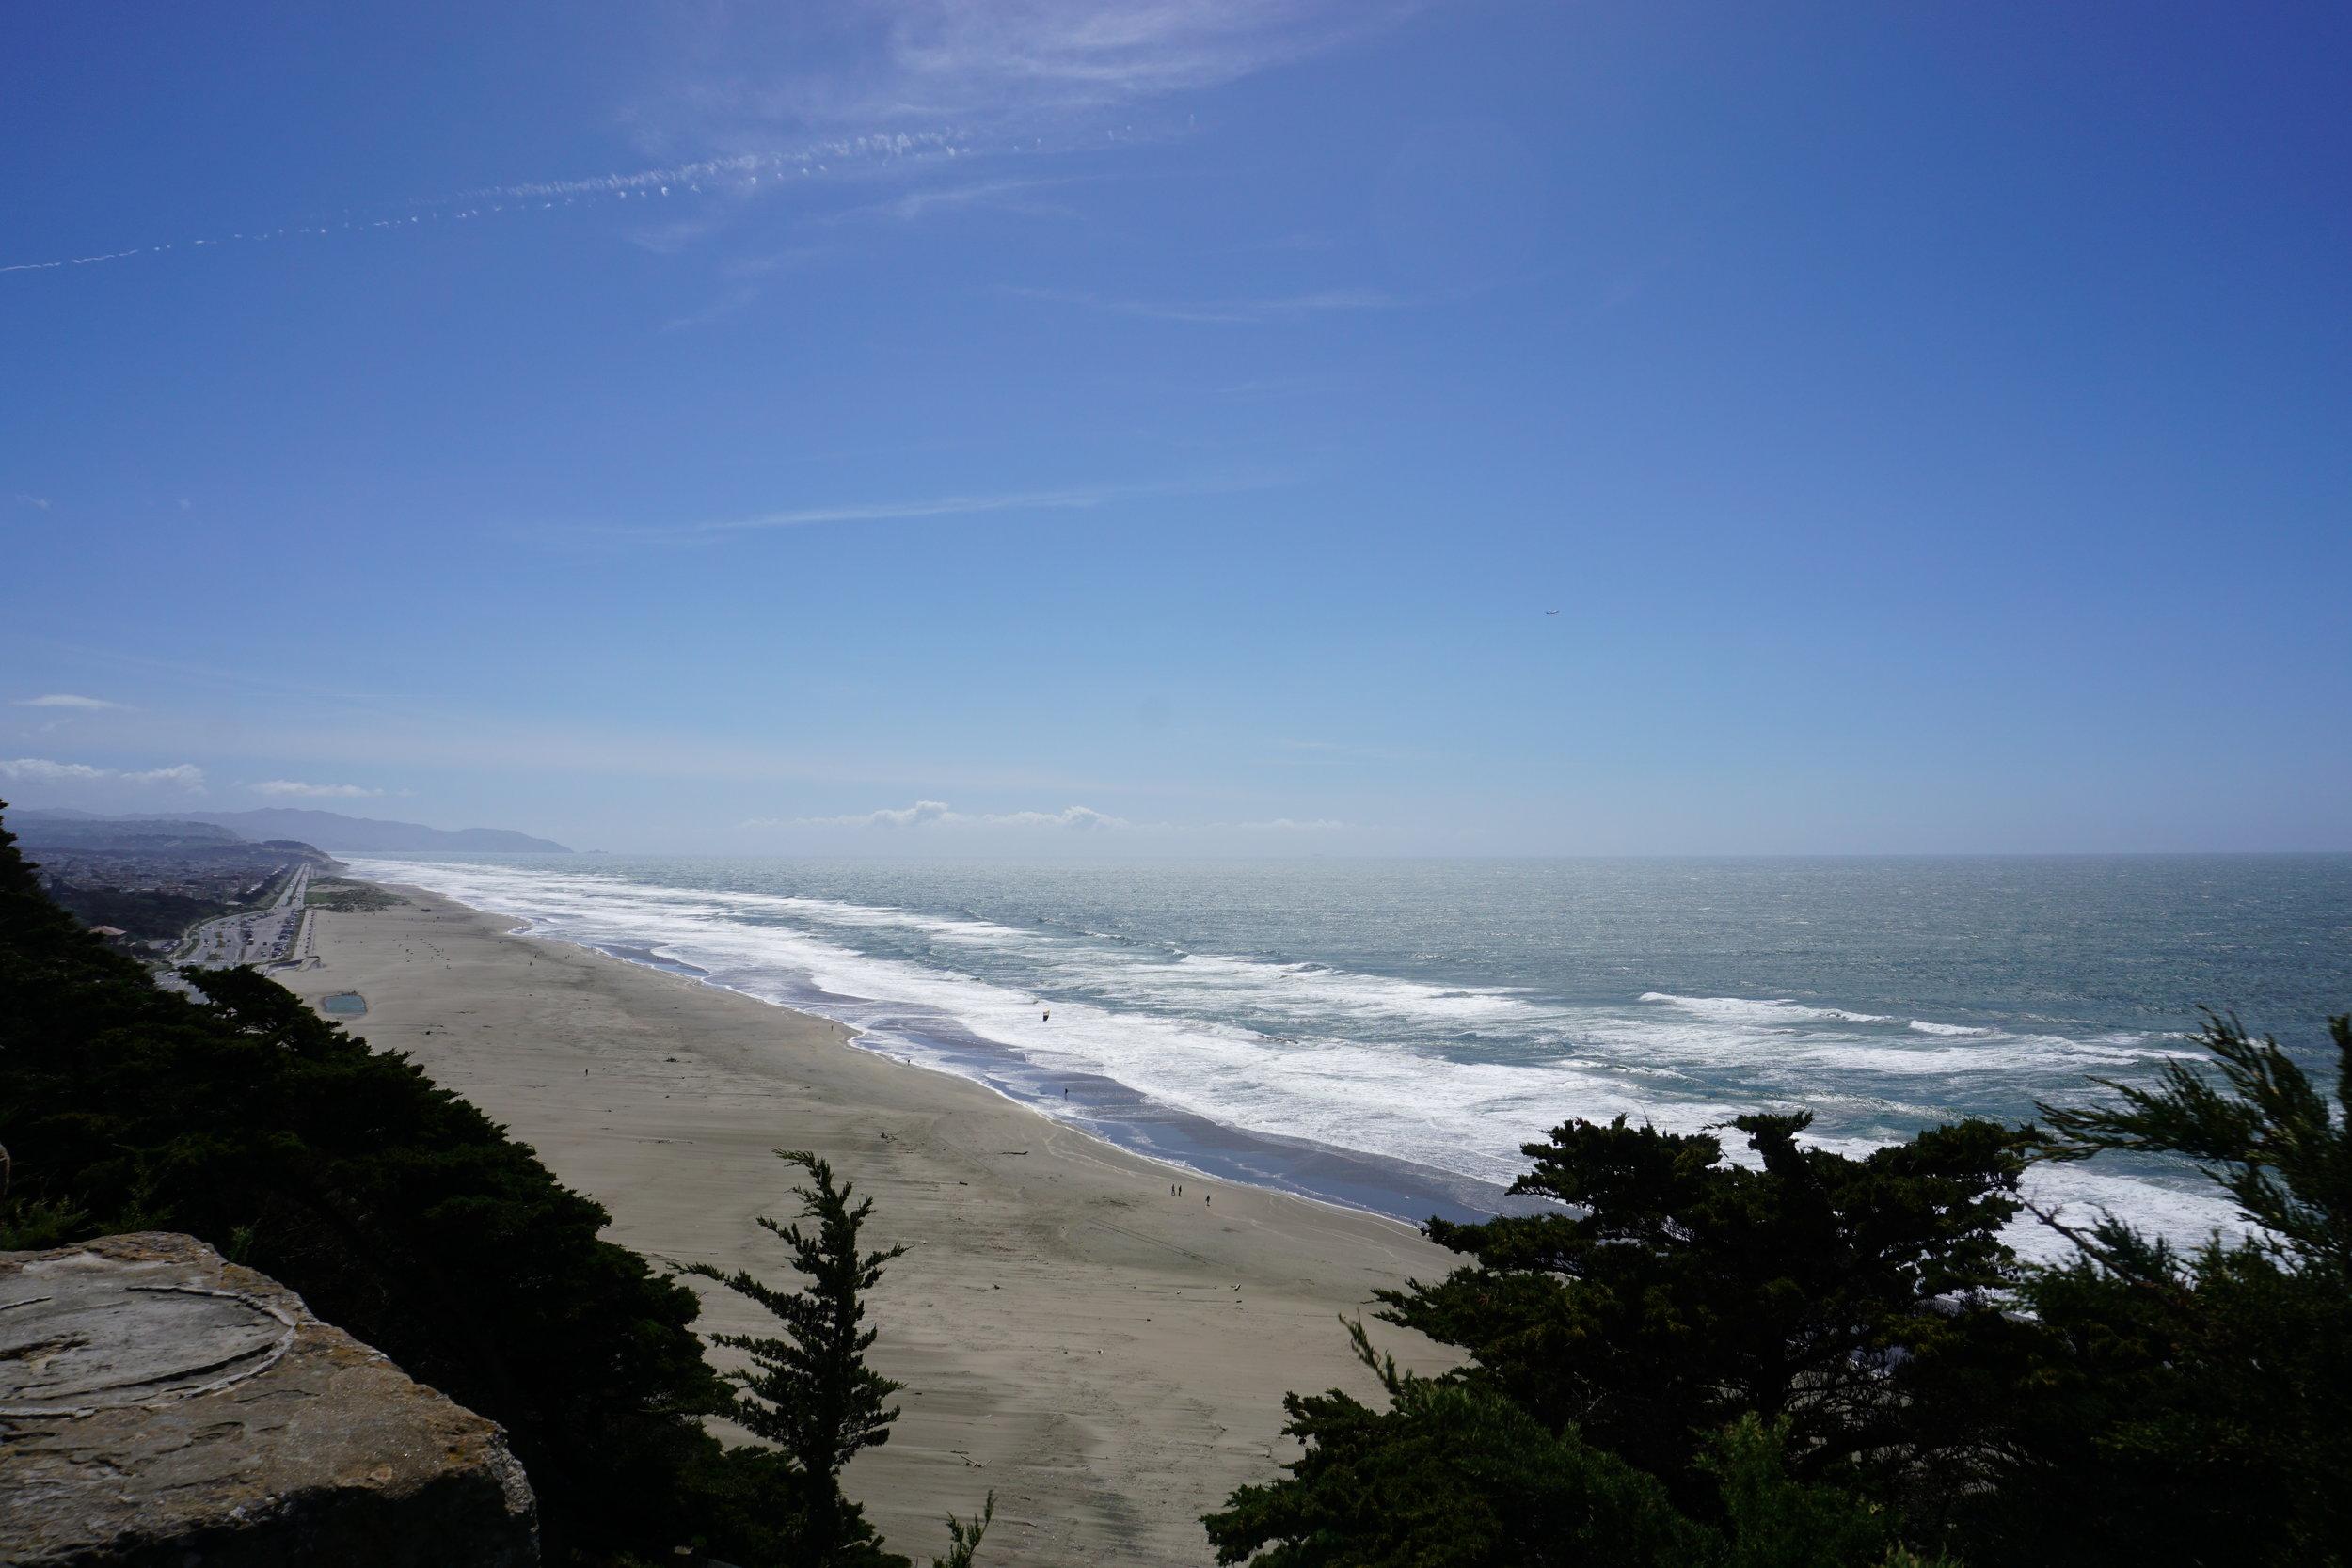 Ocean Beach, San Francisco, CA. Photo by me.